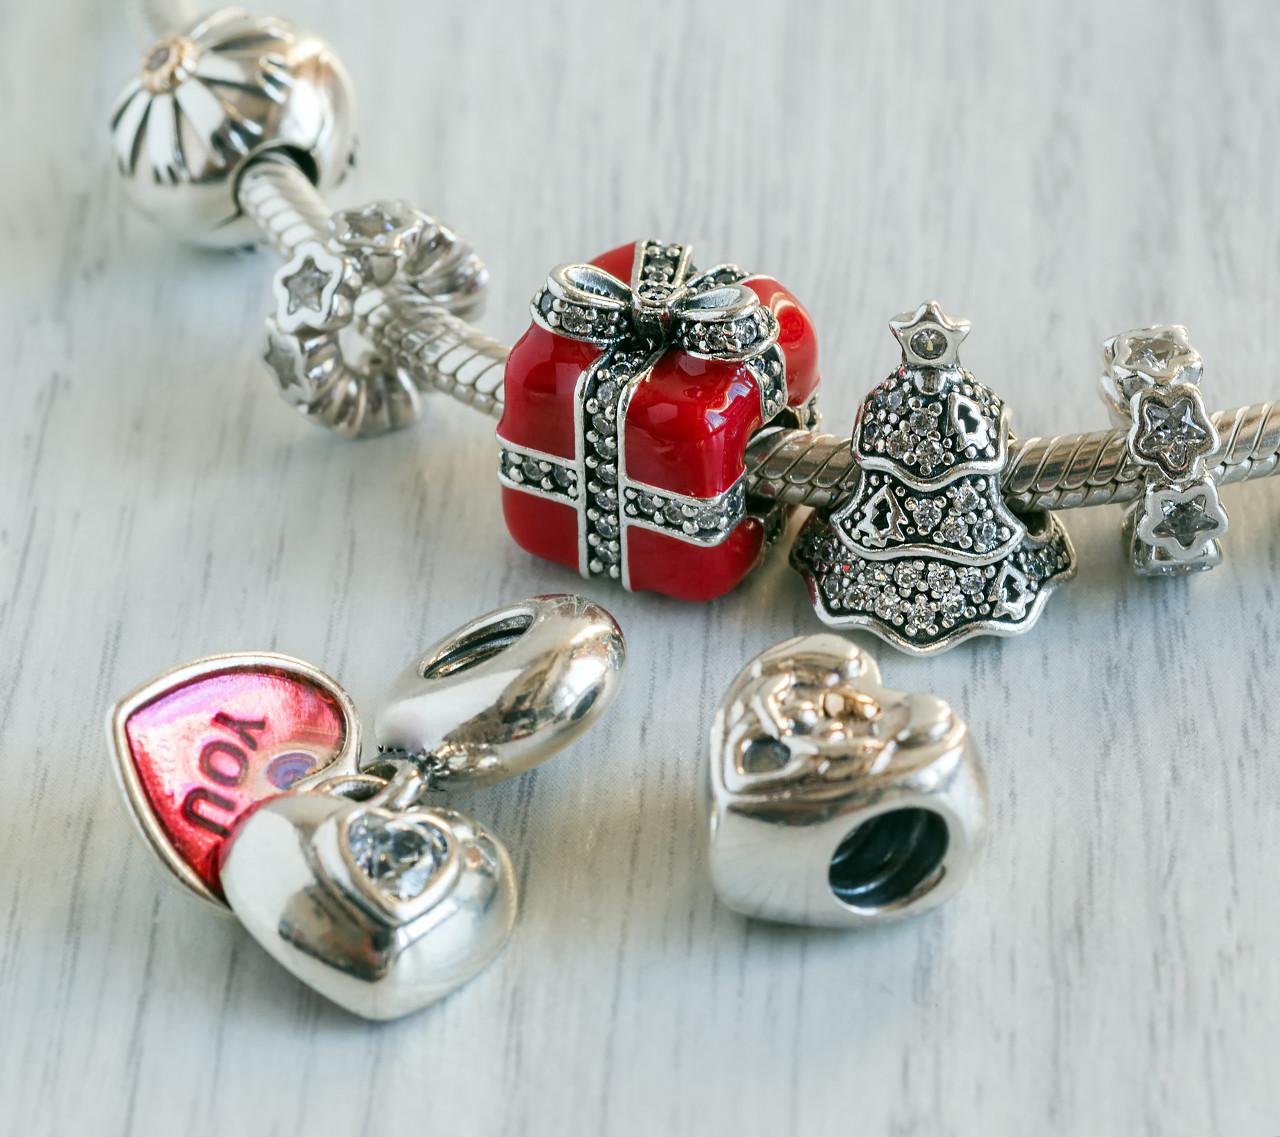 番禺珠宝聚焦国内市场 促进消费内循环